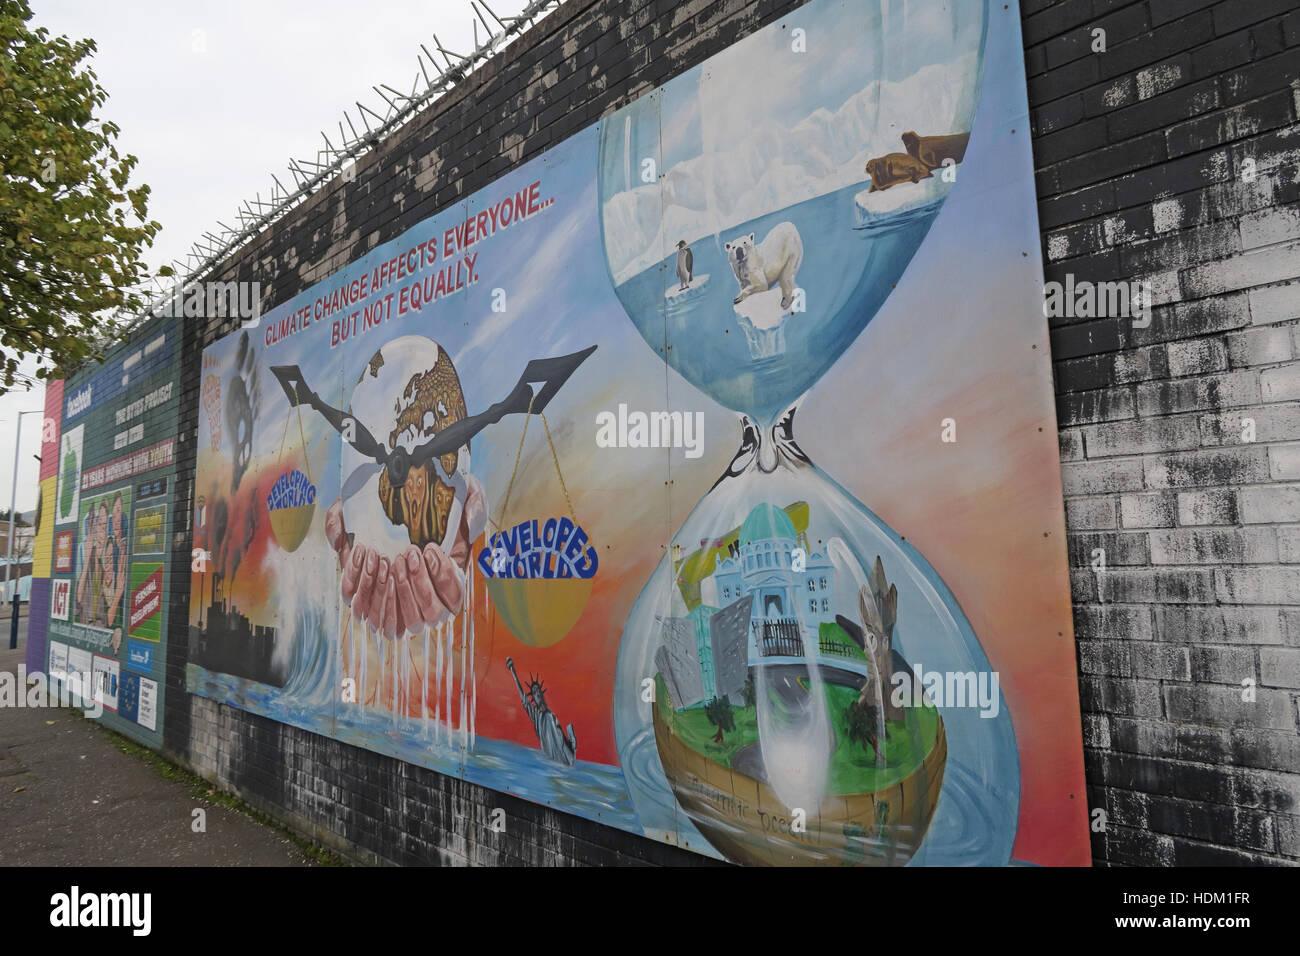 Laden Sie dieses Alamy Stockfoto Belfast fällt Rd Frieden Wandbild, Klimawandel - HDM1FR